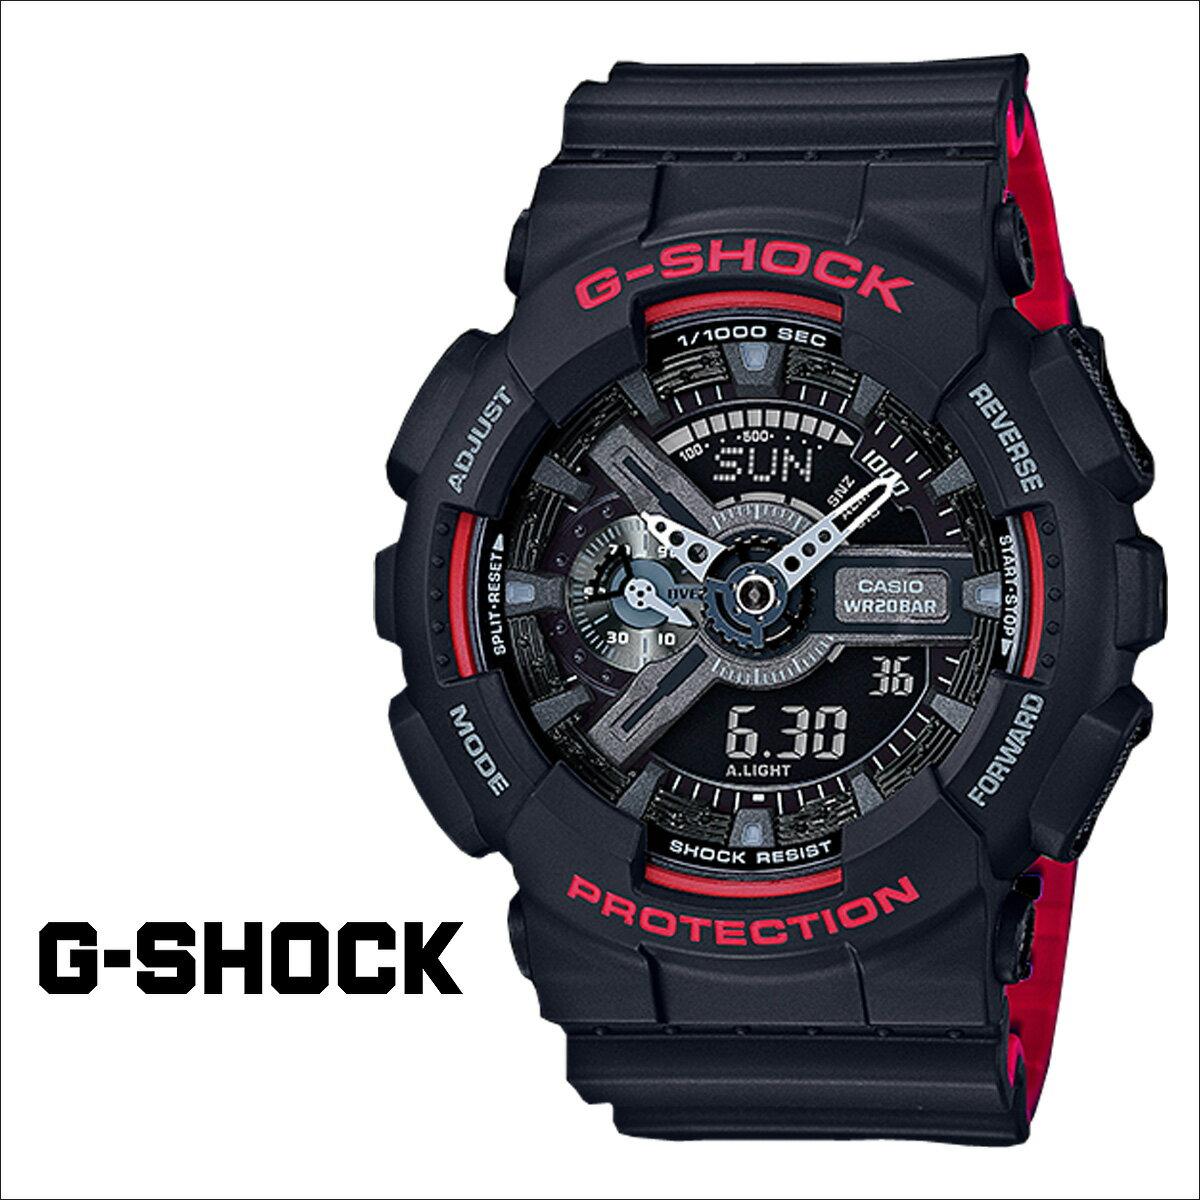 カシオ CASIO G-SHOCK 腕時計  GA-110HR-1AJF  ジーショック Gショック G-ショック  メンズ [3/11 再入荷]  CASIO正規代理店  初回交換 送料無料  ジーショック 時計 メンズ g-shock mini レディース Gショック 腕時計 正規  通販